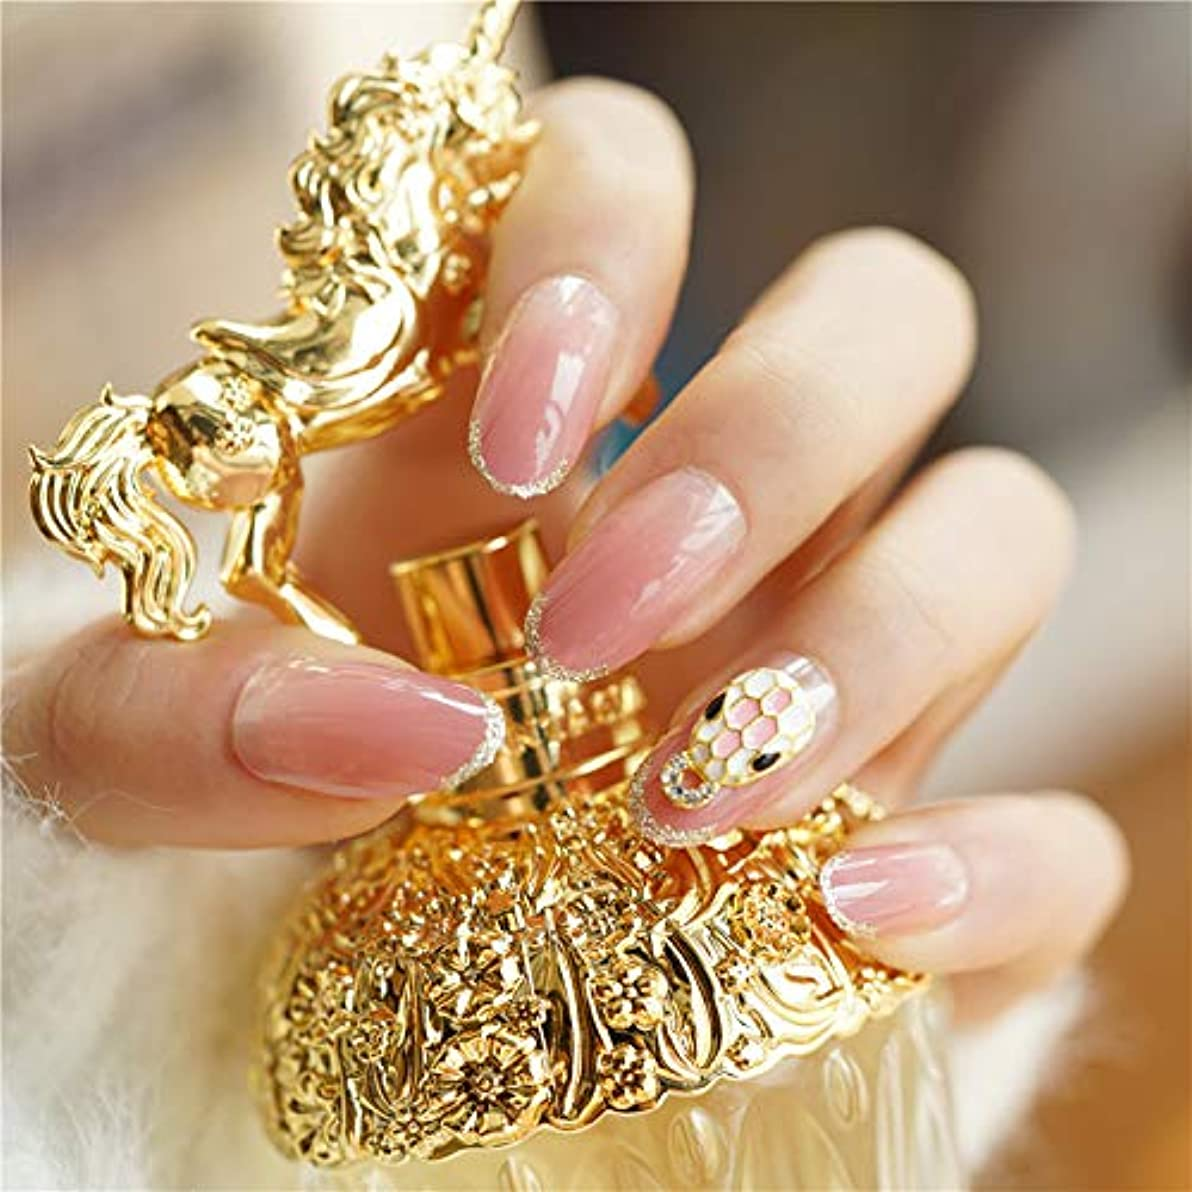 つかの間荒廃する実験をする24枚セット ネイルチップ 付け爪 お嫁さんつけ爪 ネイルシール 3D可愛い飾り 爪先金回し 水しいピンク色変化デザインネイルチップ (ピンク)